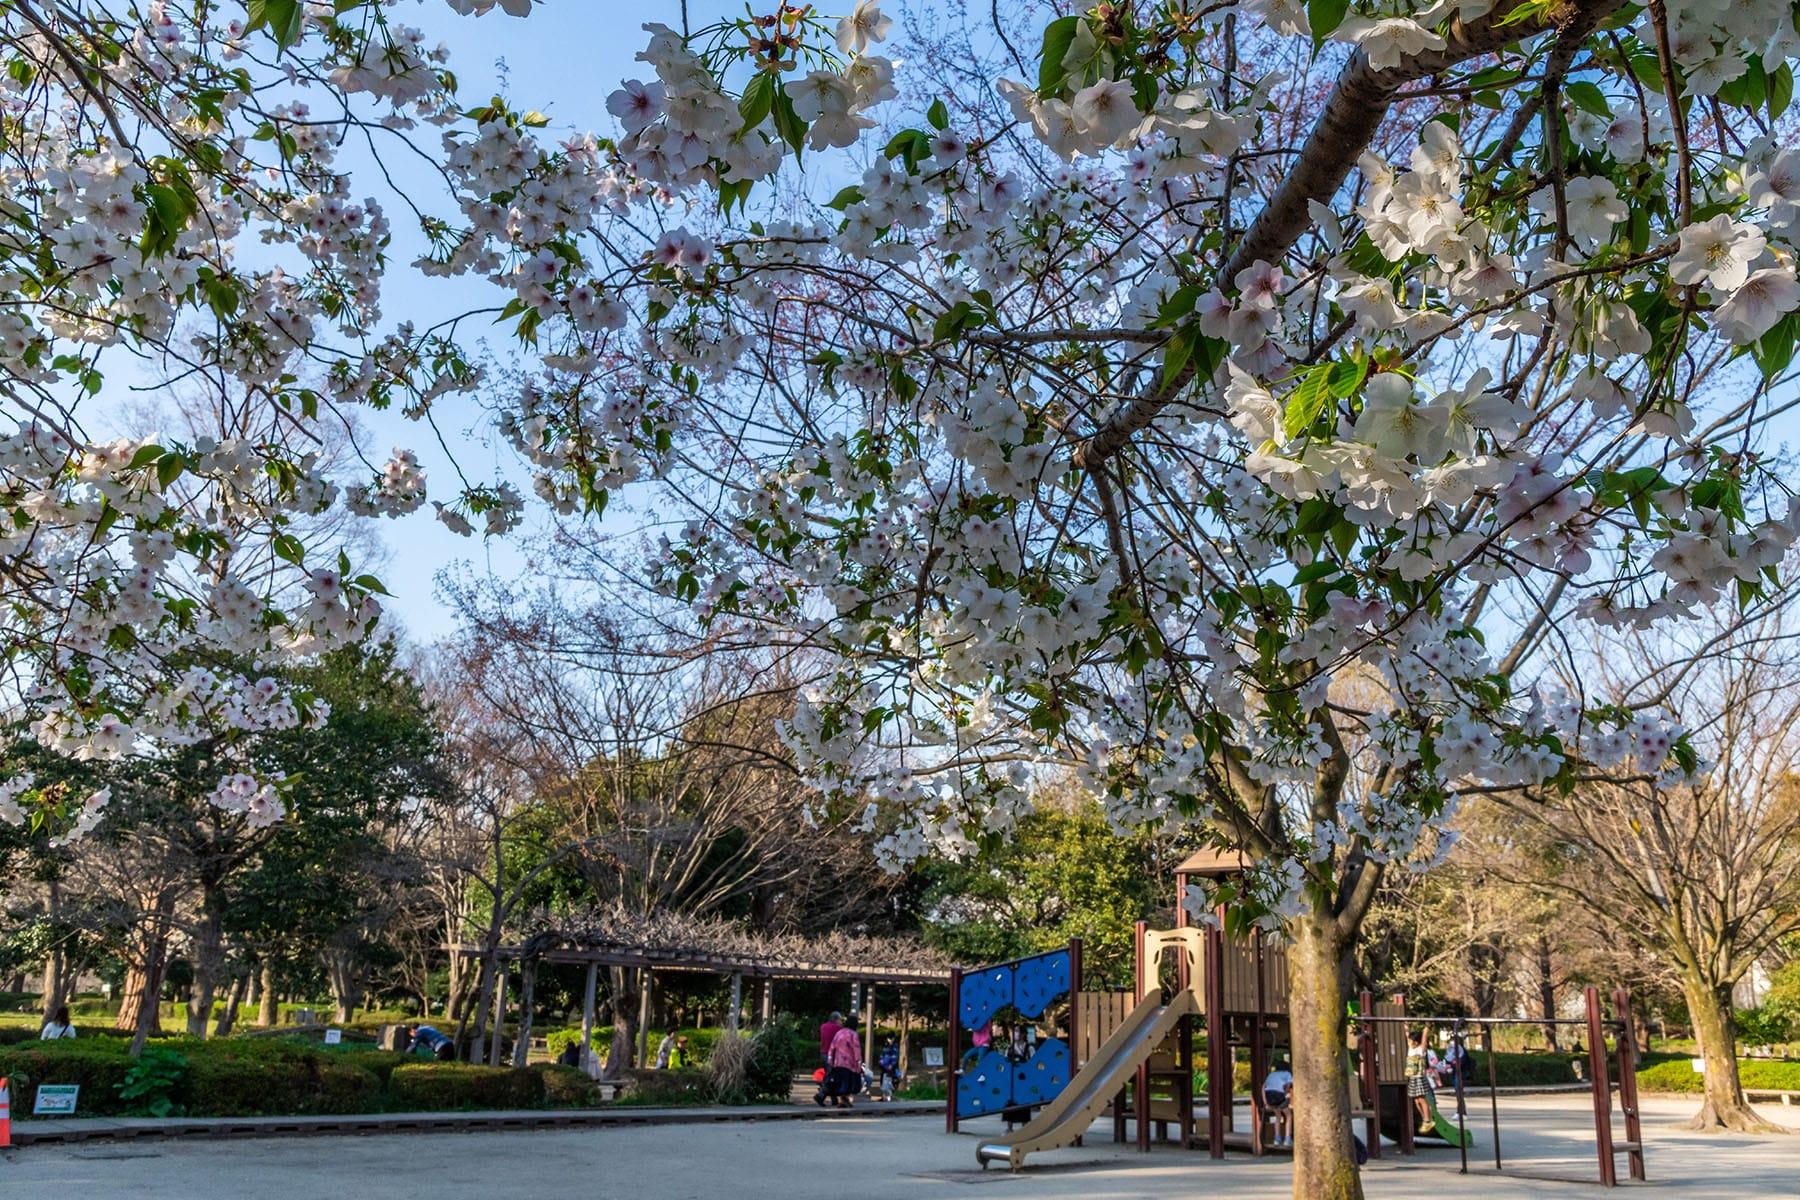 見沼田んぼの桜回廊【見沼田んぼ(全域)|埼玉県さいたま市】 | フォトさいたま